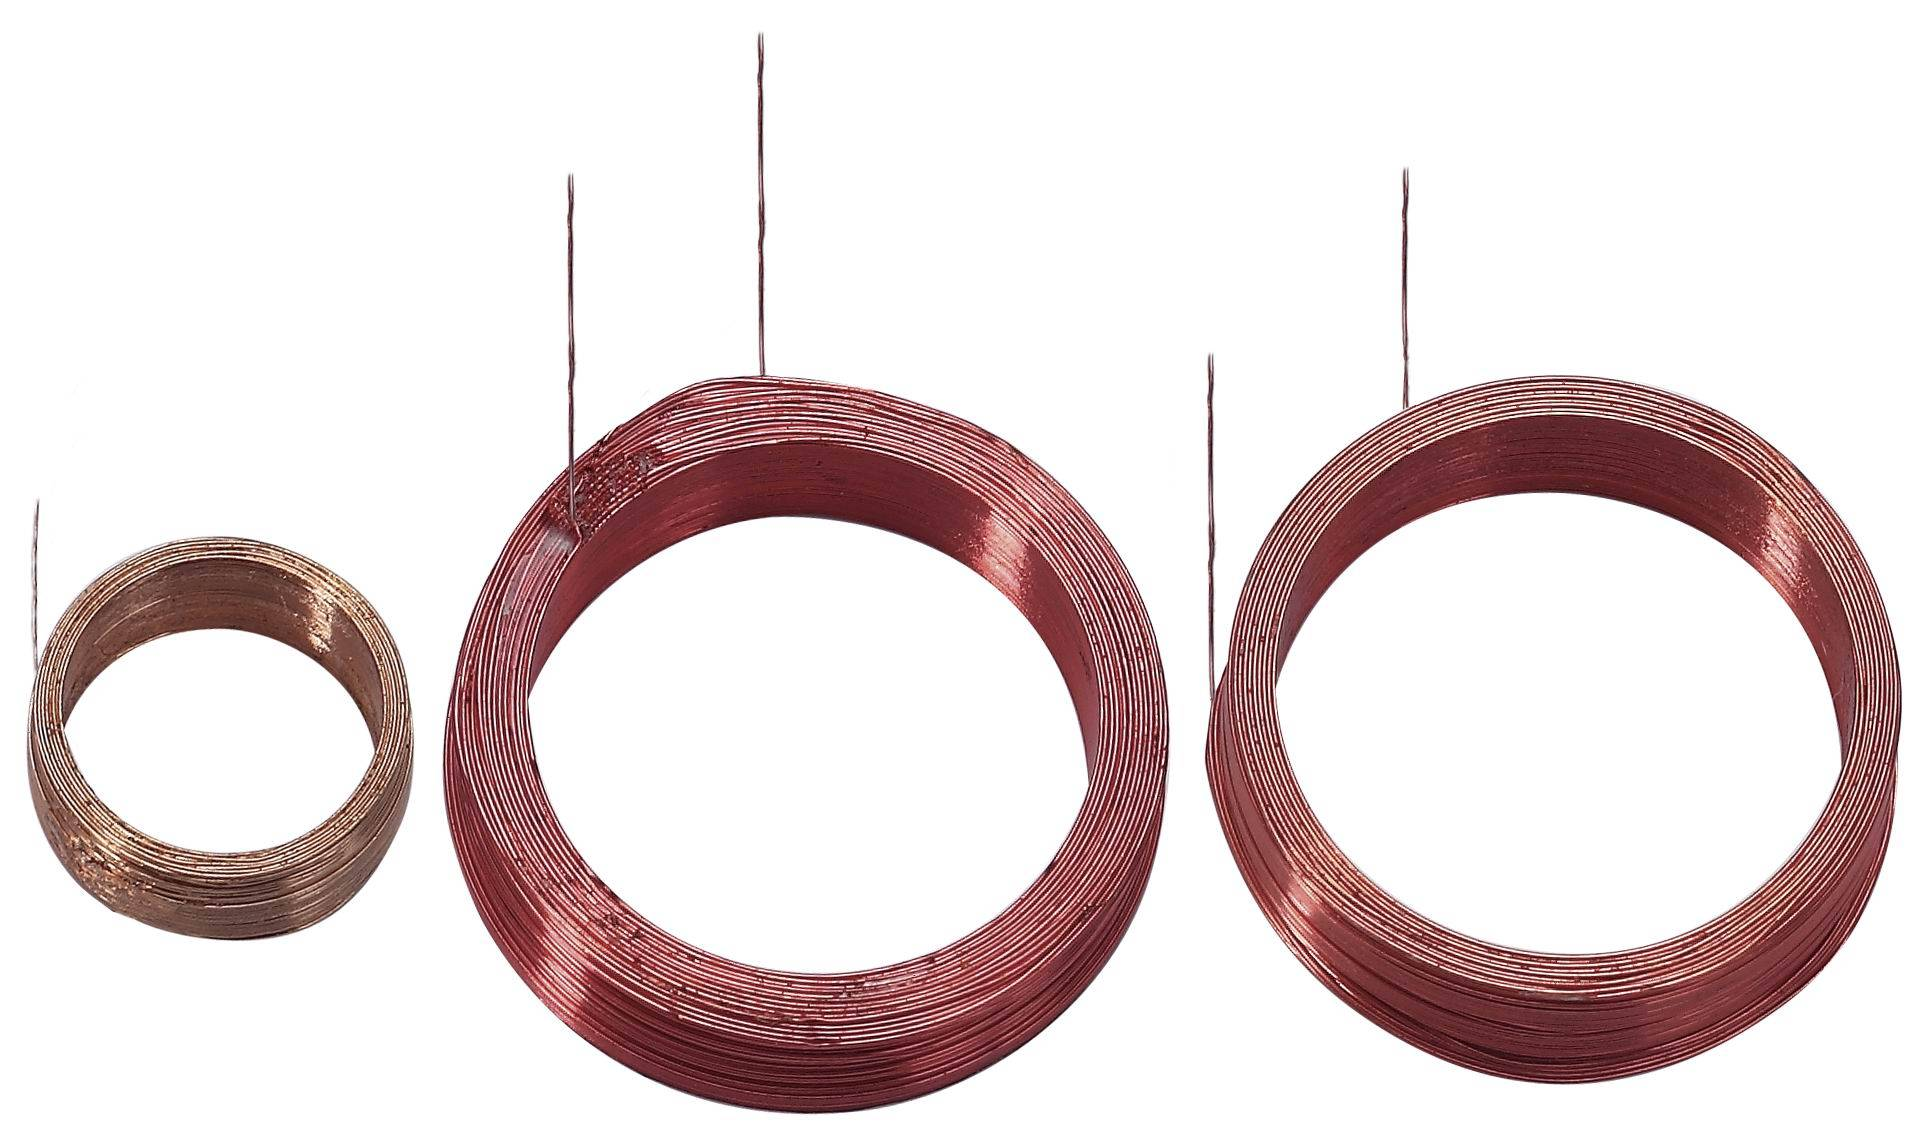 Sensor coils